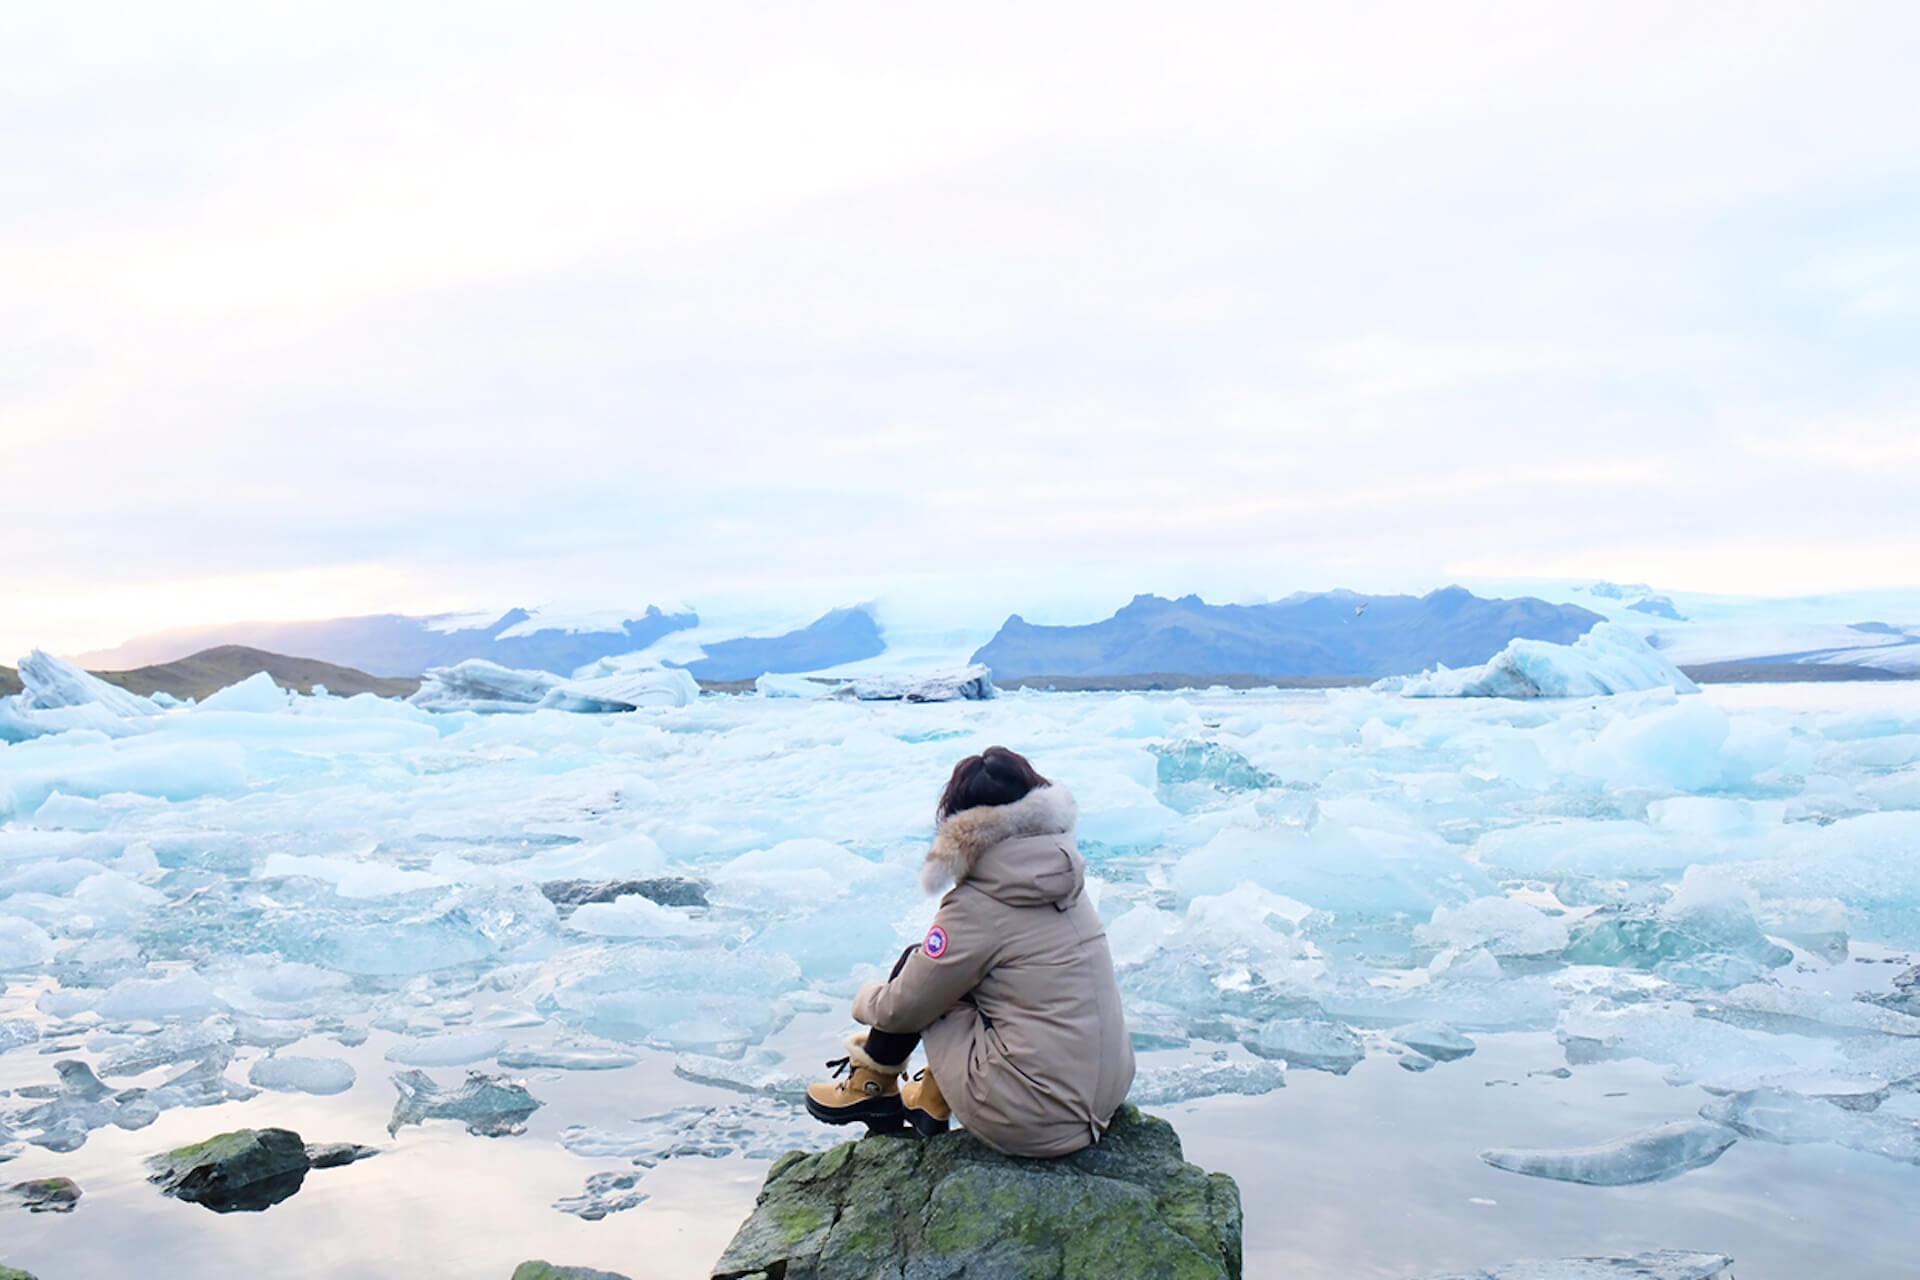 シガー・ロスやビョークの音楽が生まれた地へ。モデル・武智志穂のアイスランド旅行記 art191202_takechishiho_6